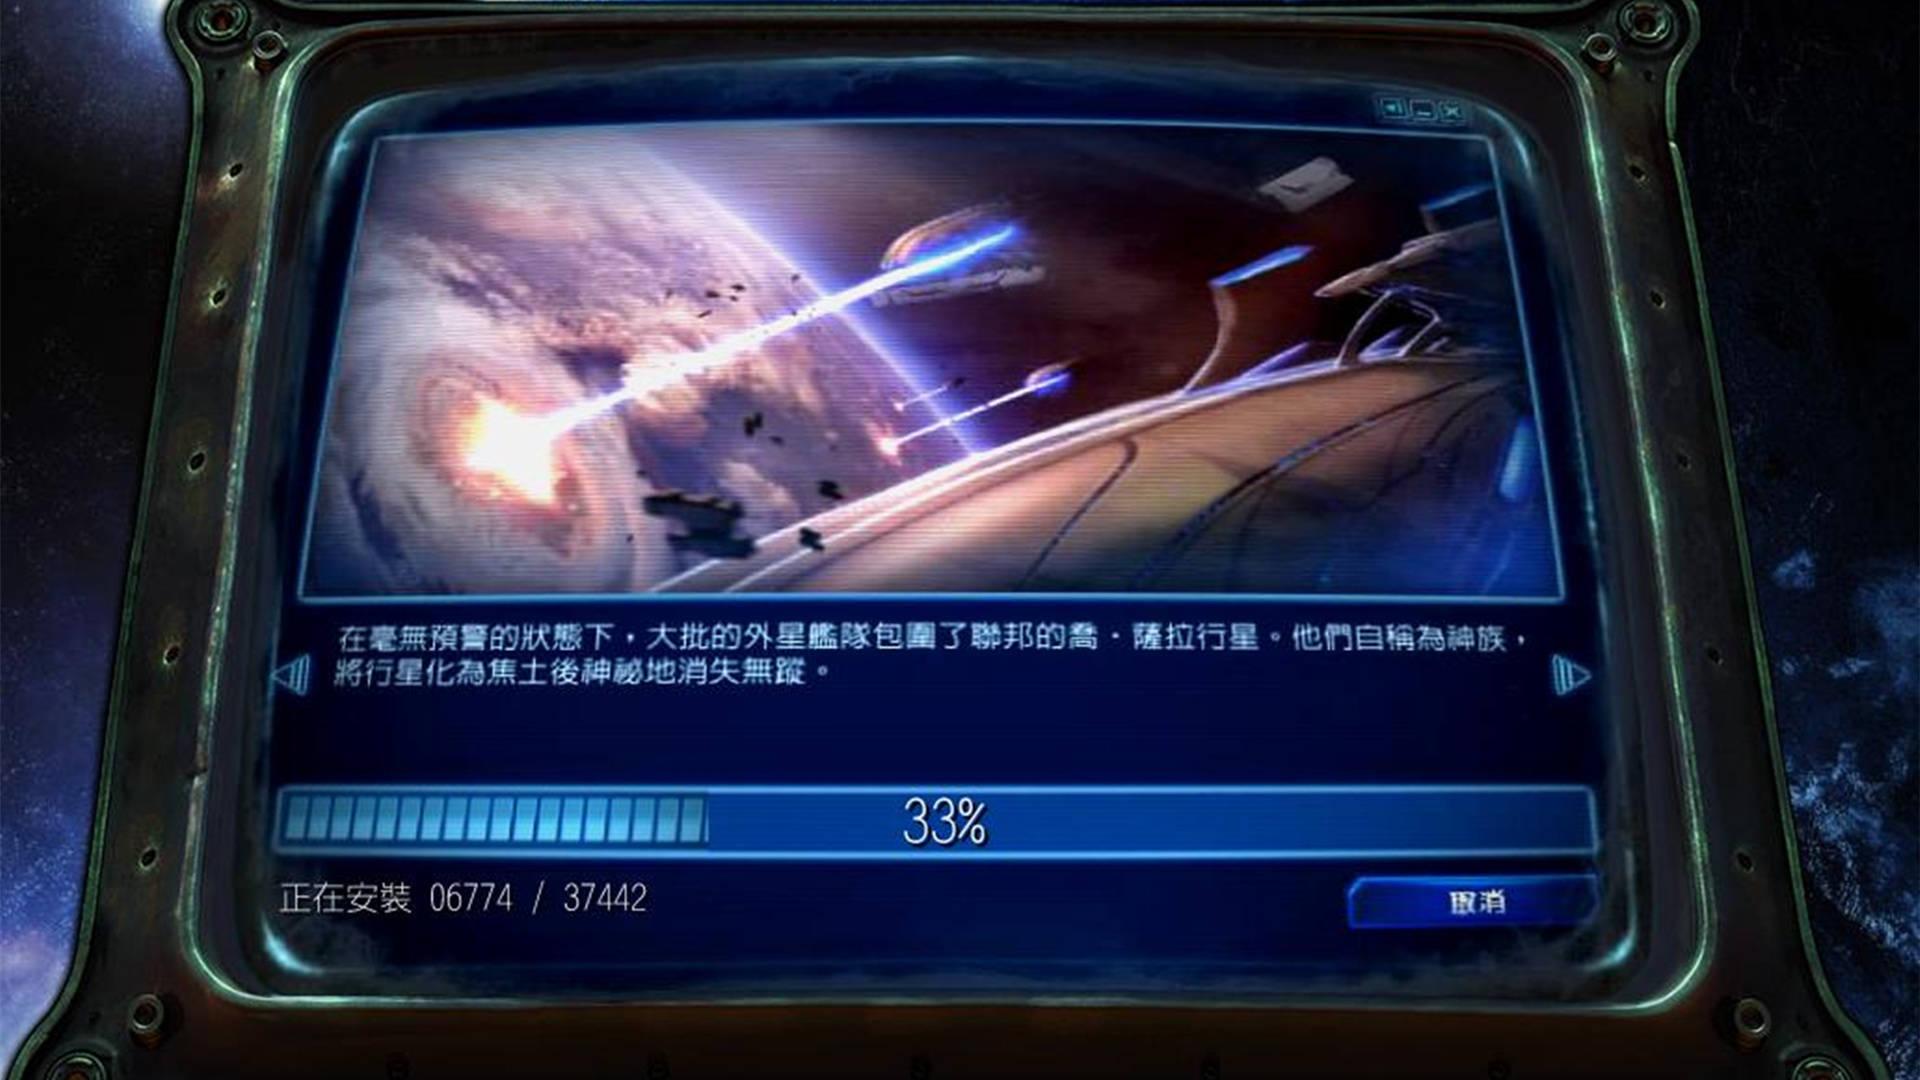 《星际争霸》的服务器为什么老是出问题?主要是网易搞的鬼